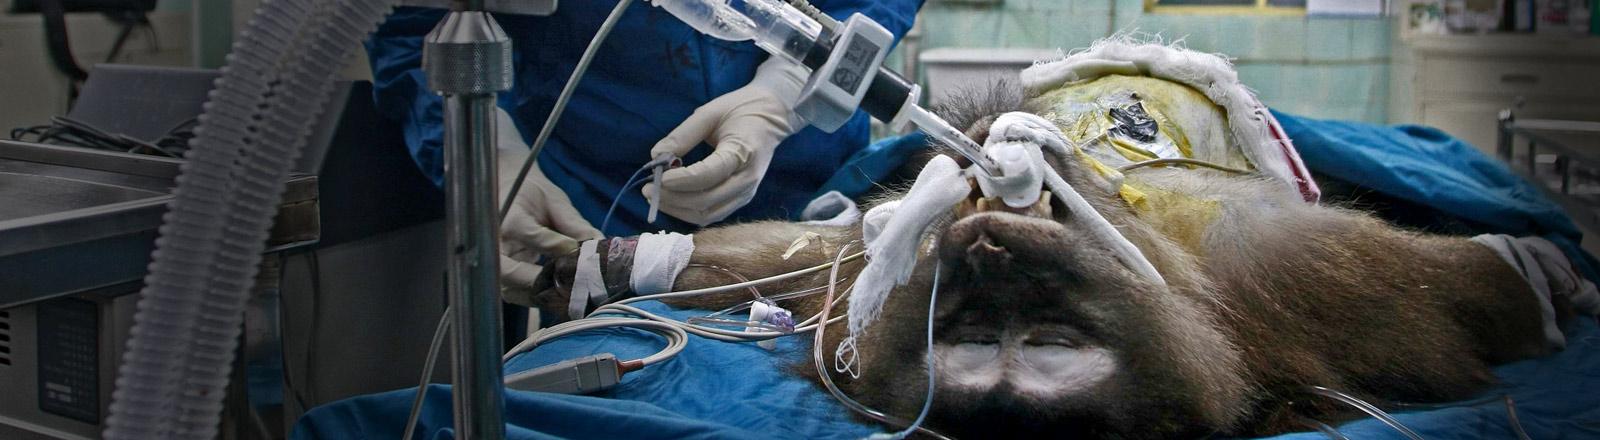 Ein Affe wird zu Versuchszwecken operiert.